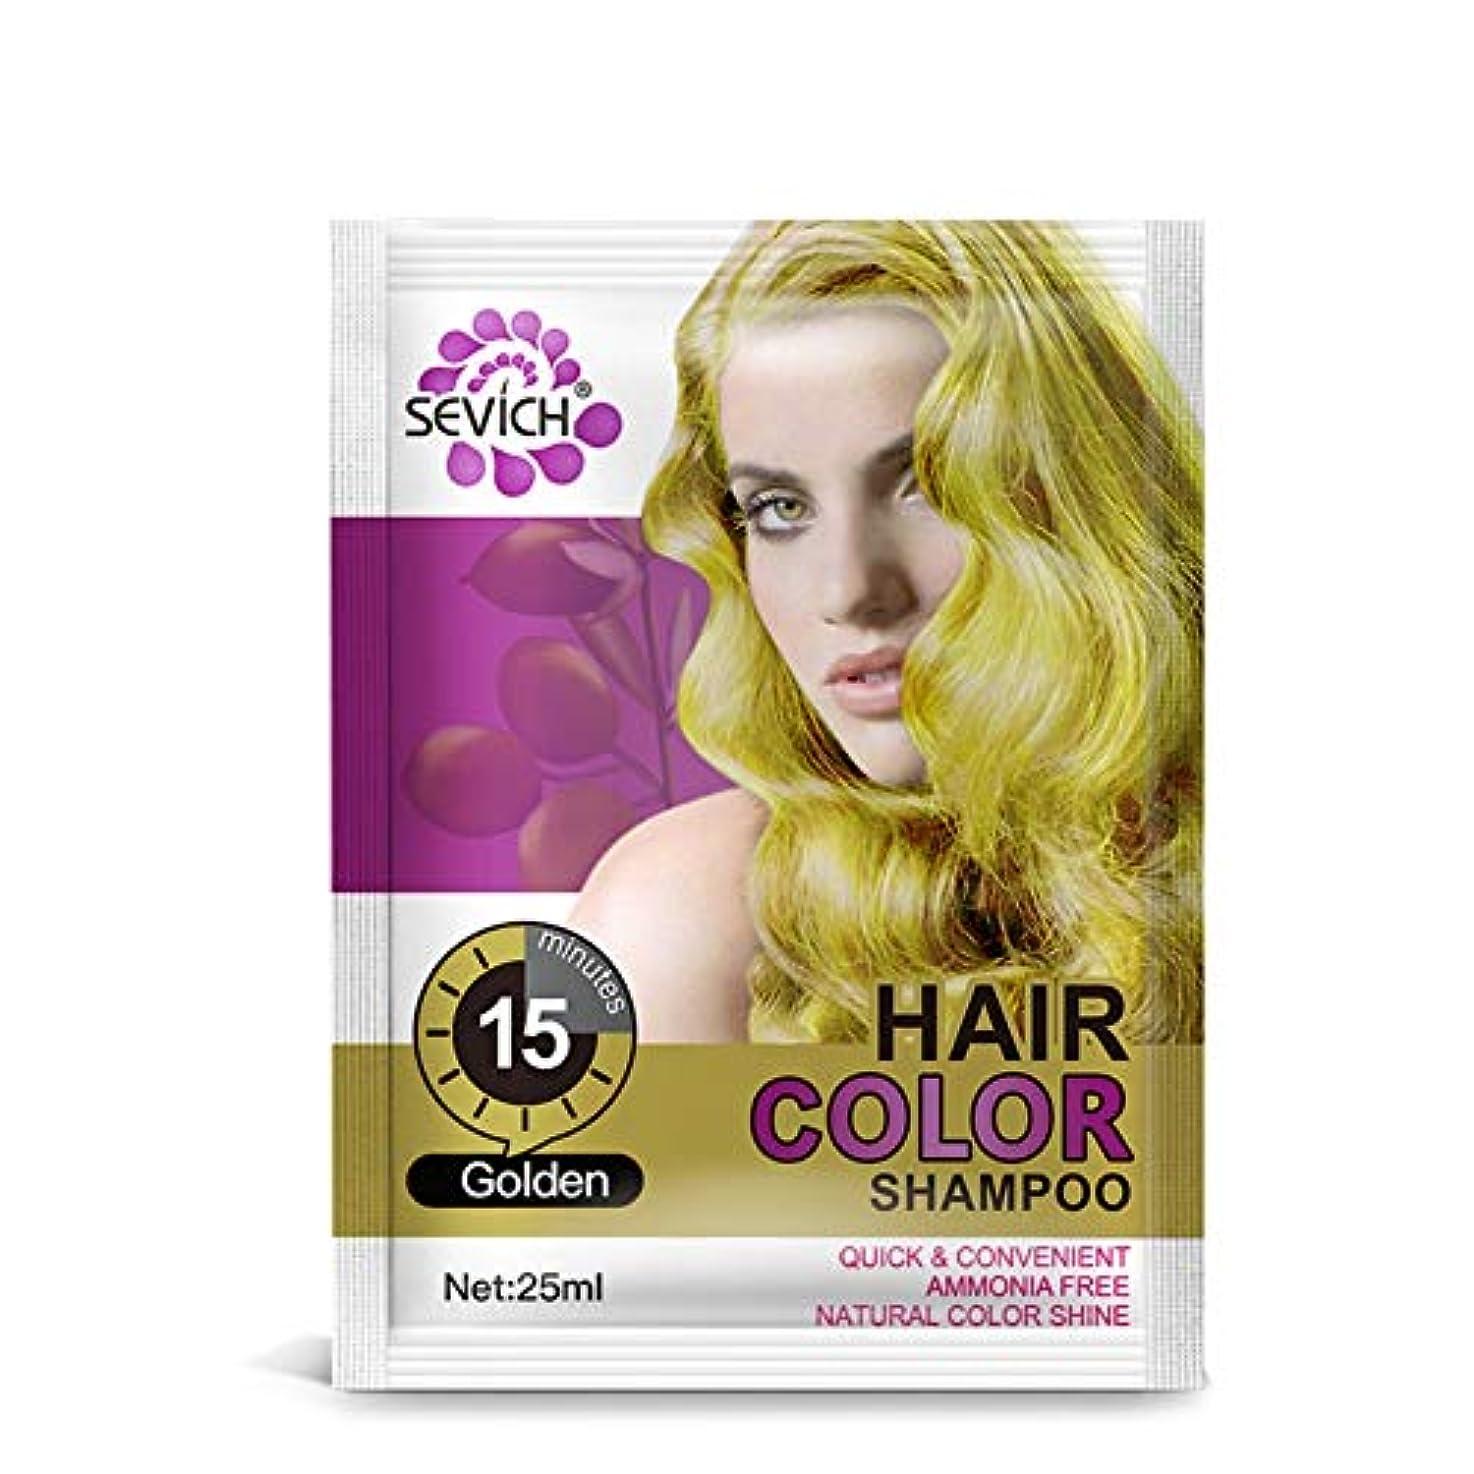 不公平きれいに検出器ヘアカラー ヘア染め ヘアカラースタイリング 髪の色のシャンプ スタイリングカラーヘアシャンプー 純粋な植物 自然 刺激ない ヘアケア Cutelove